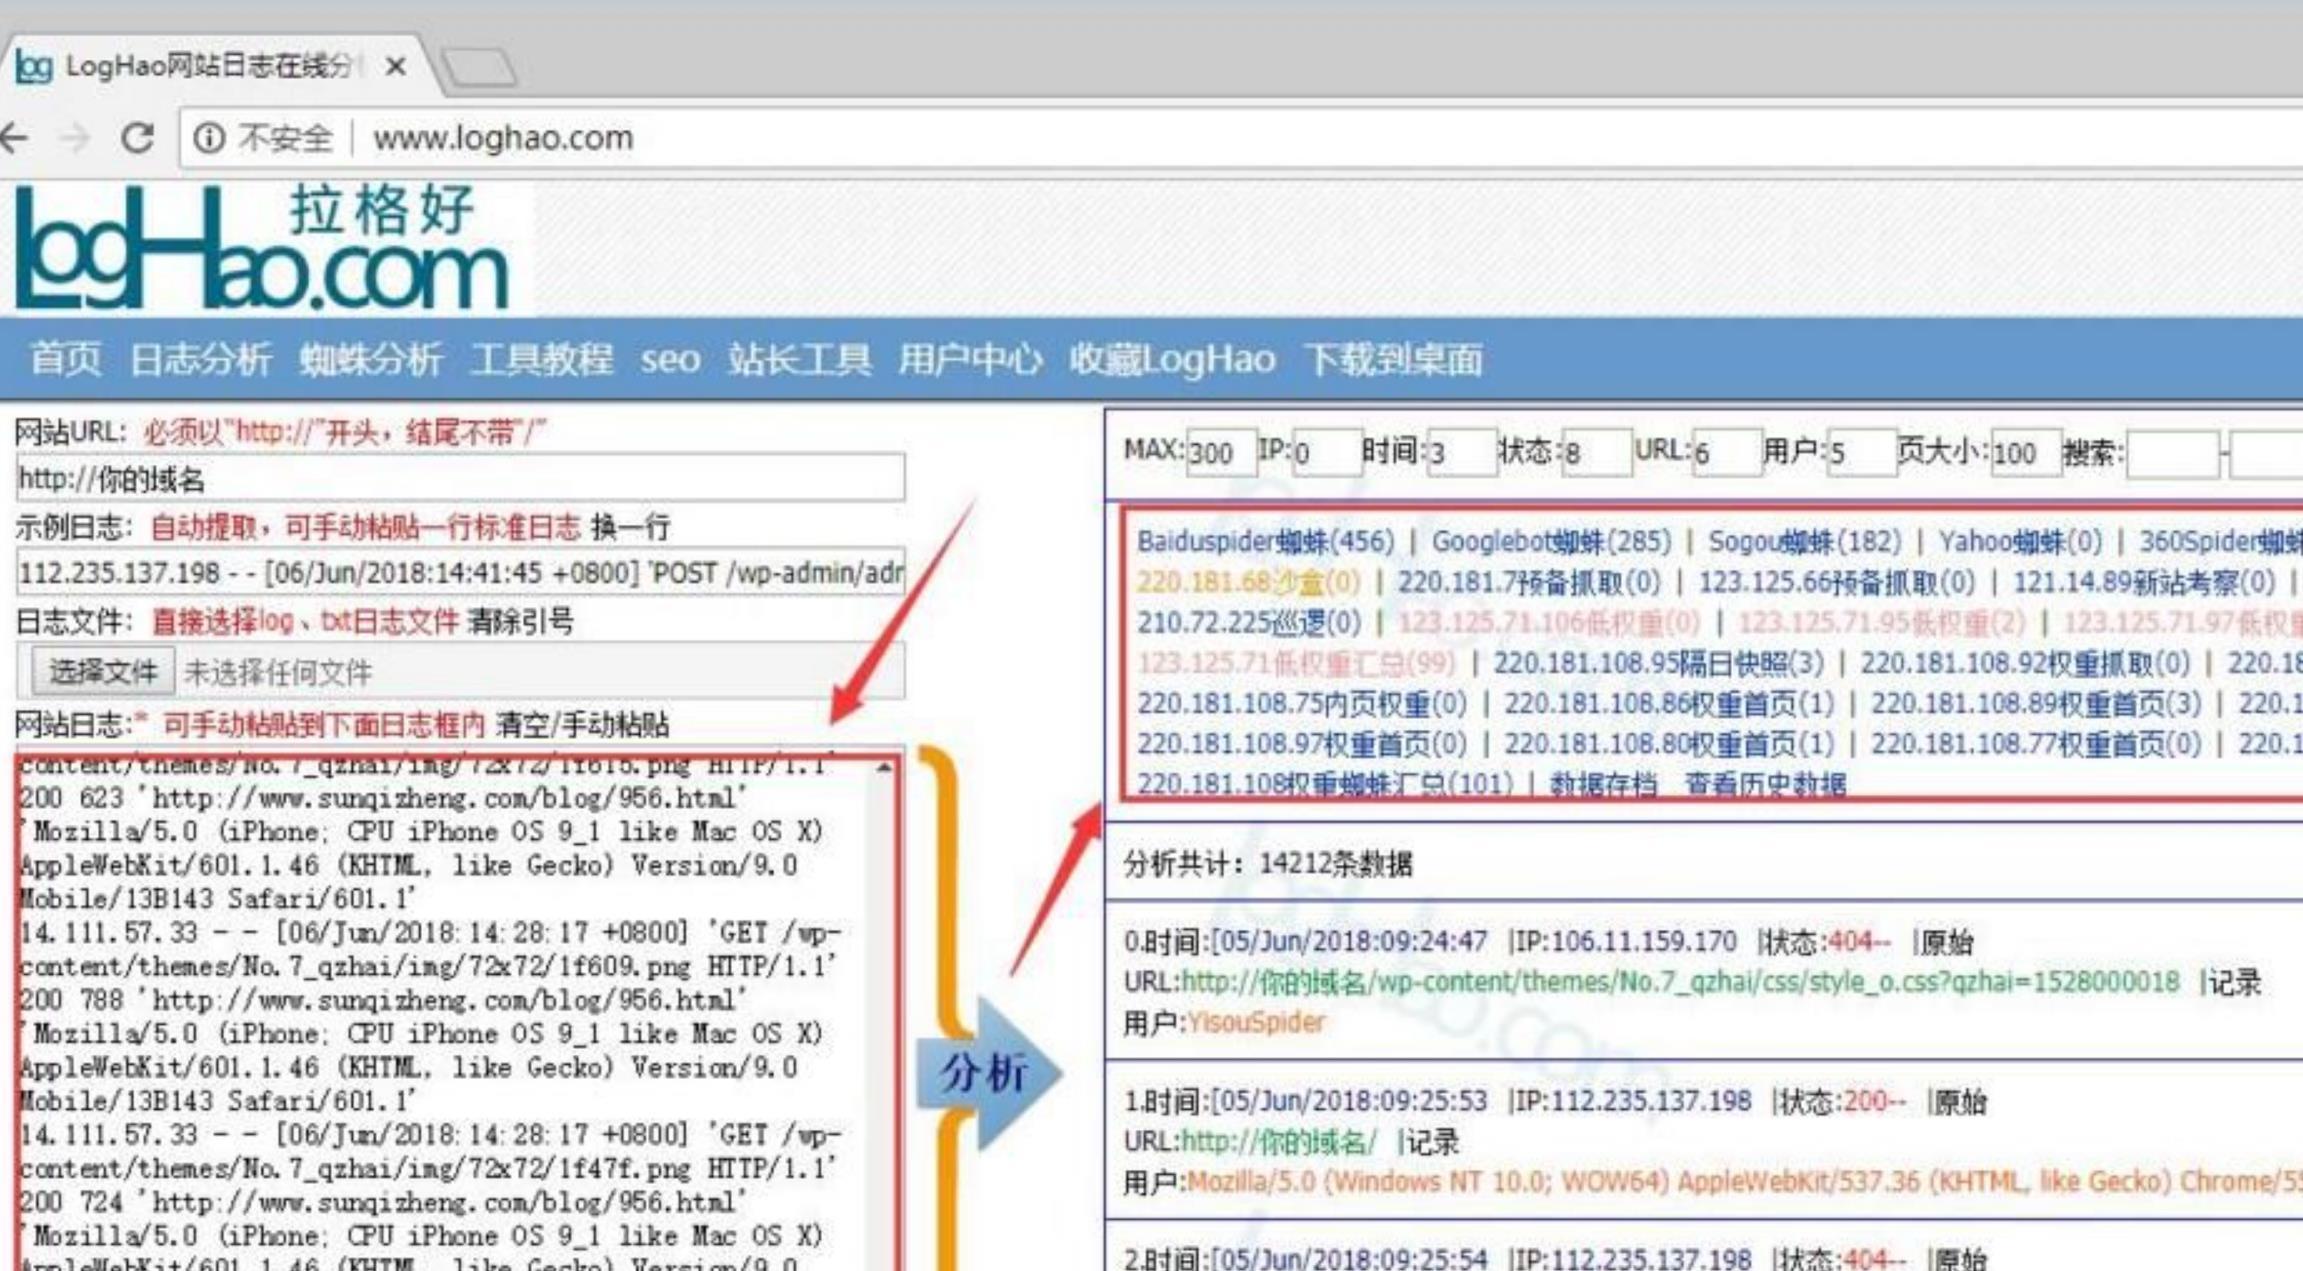 网站log日志分析与要点总结(详细教程)|正文